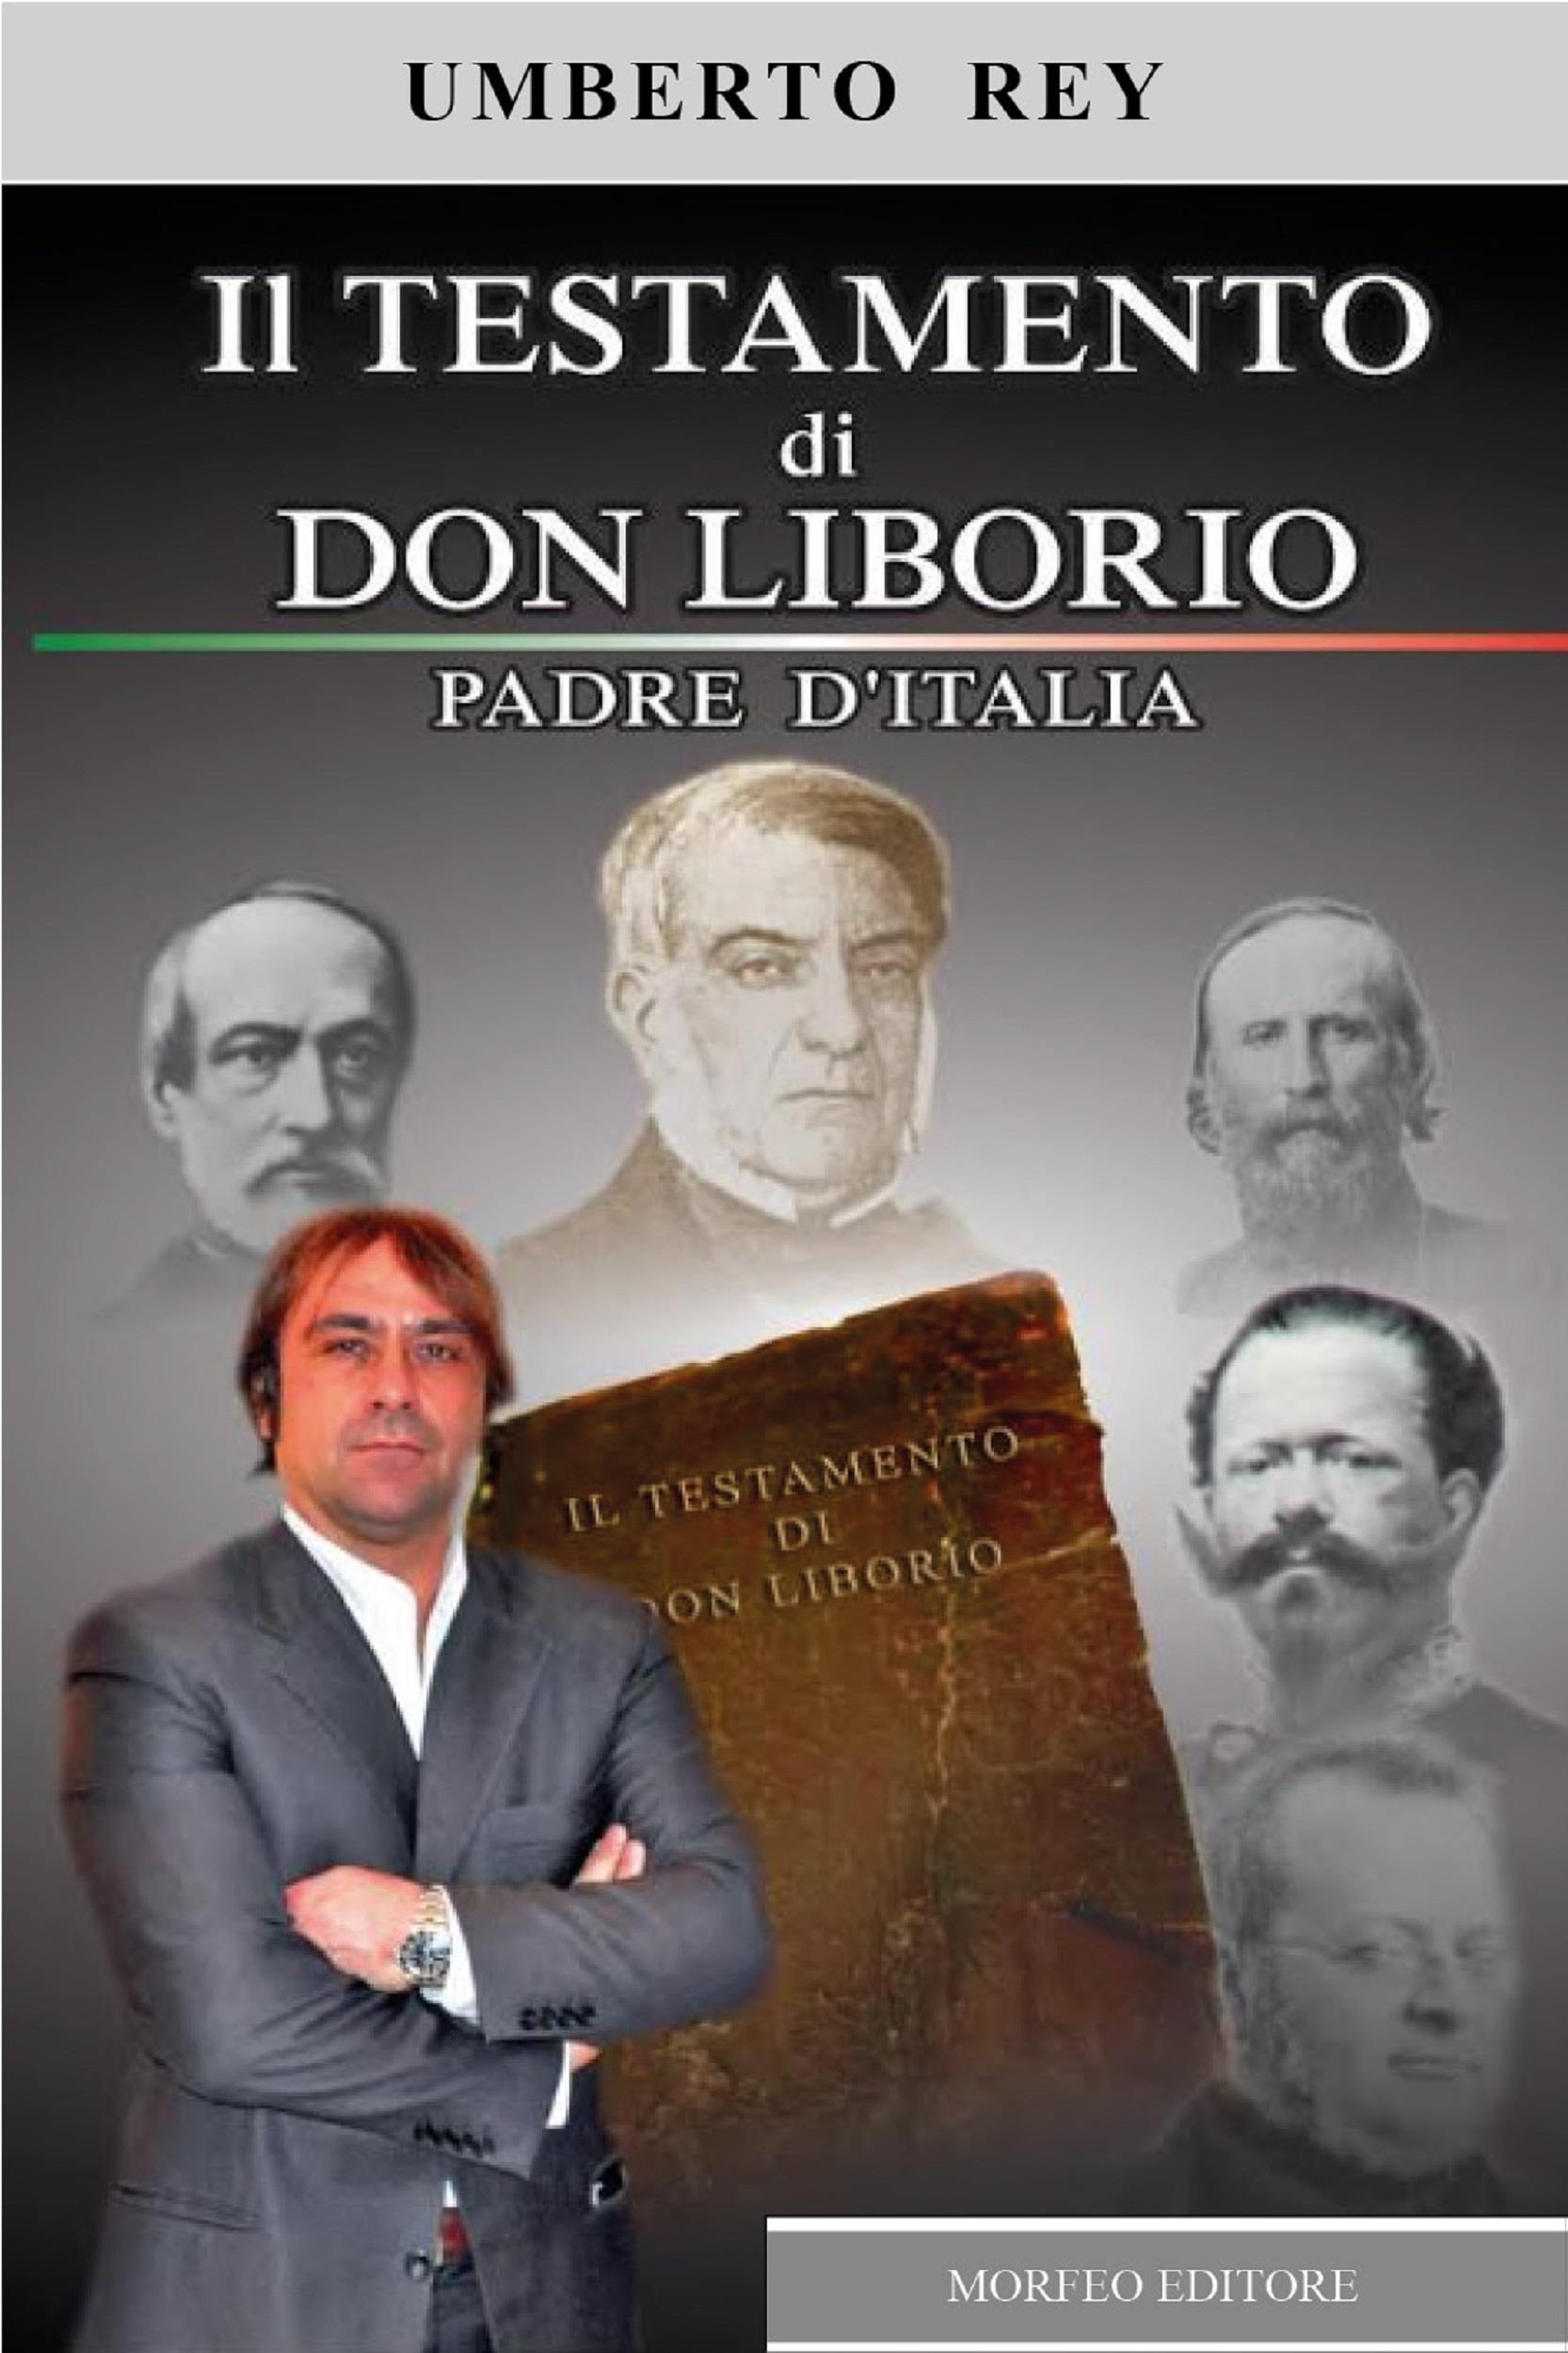 Il testamento di Don Liborio